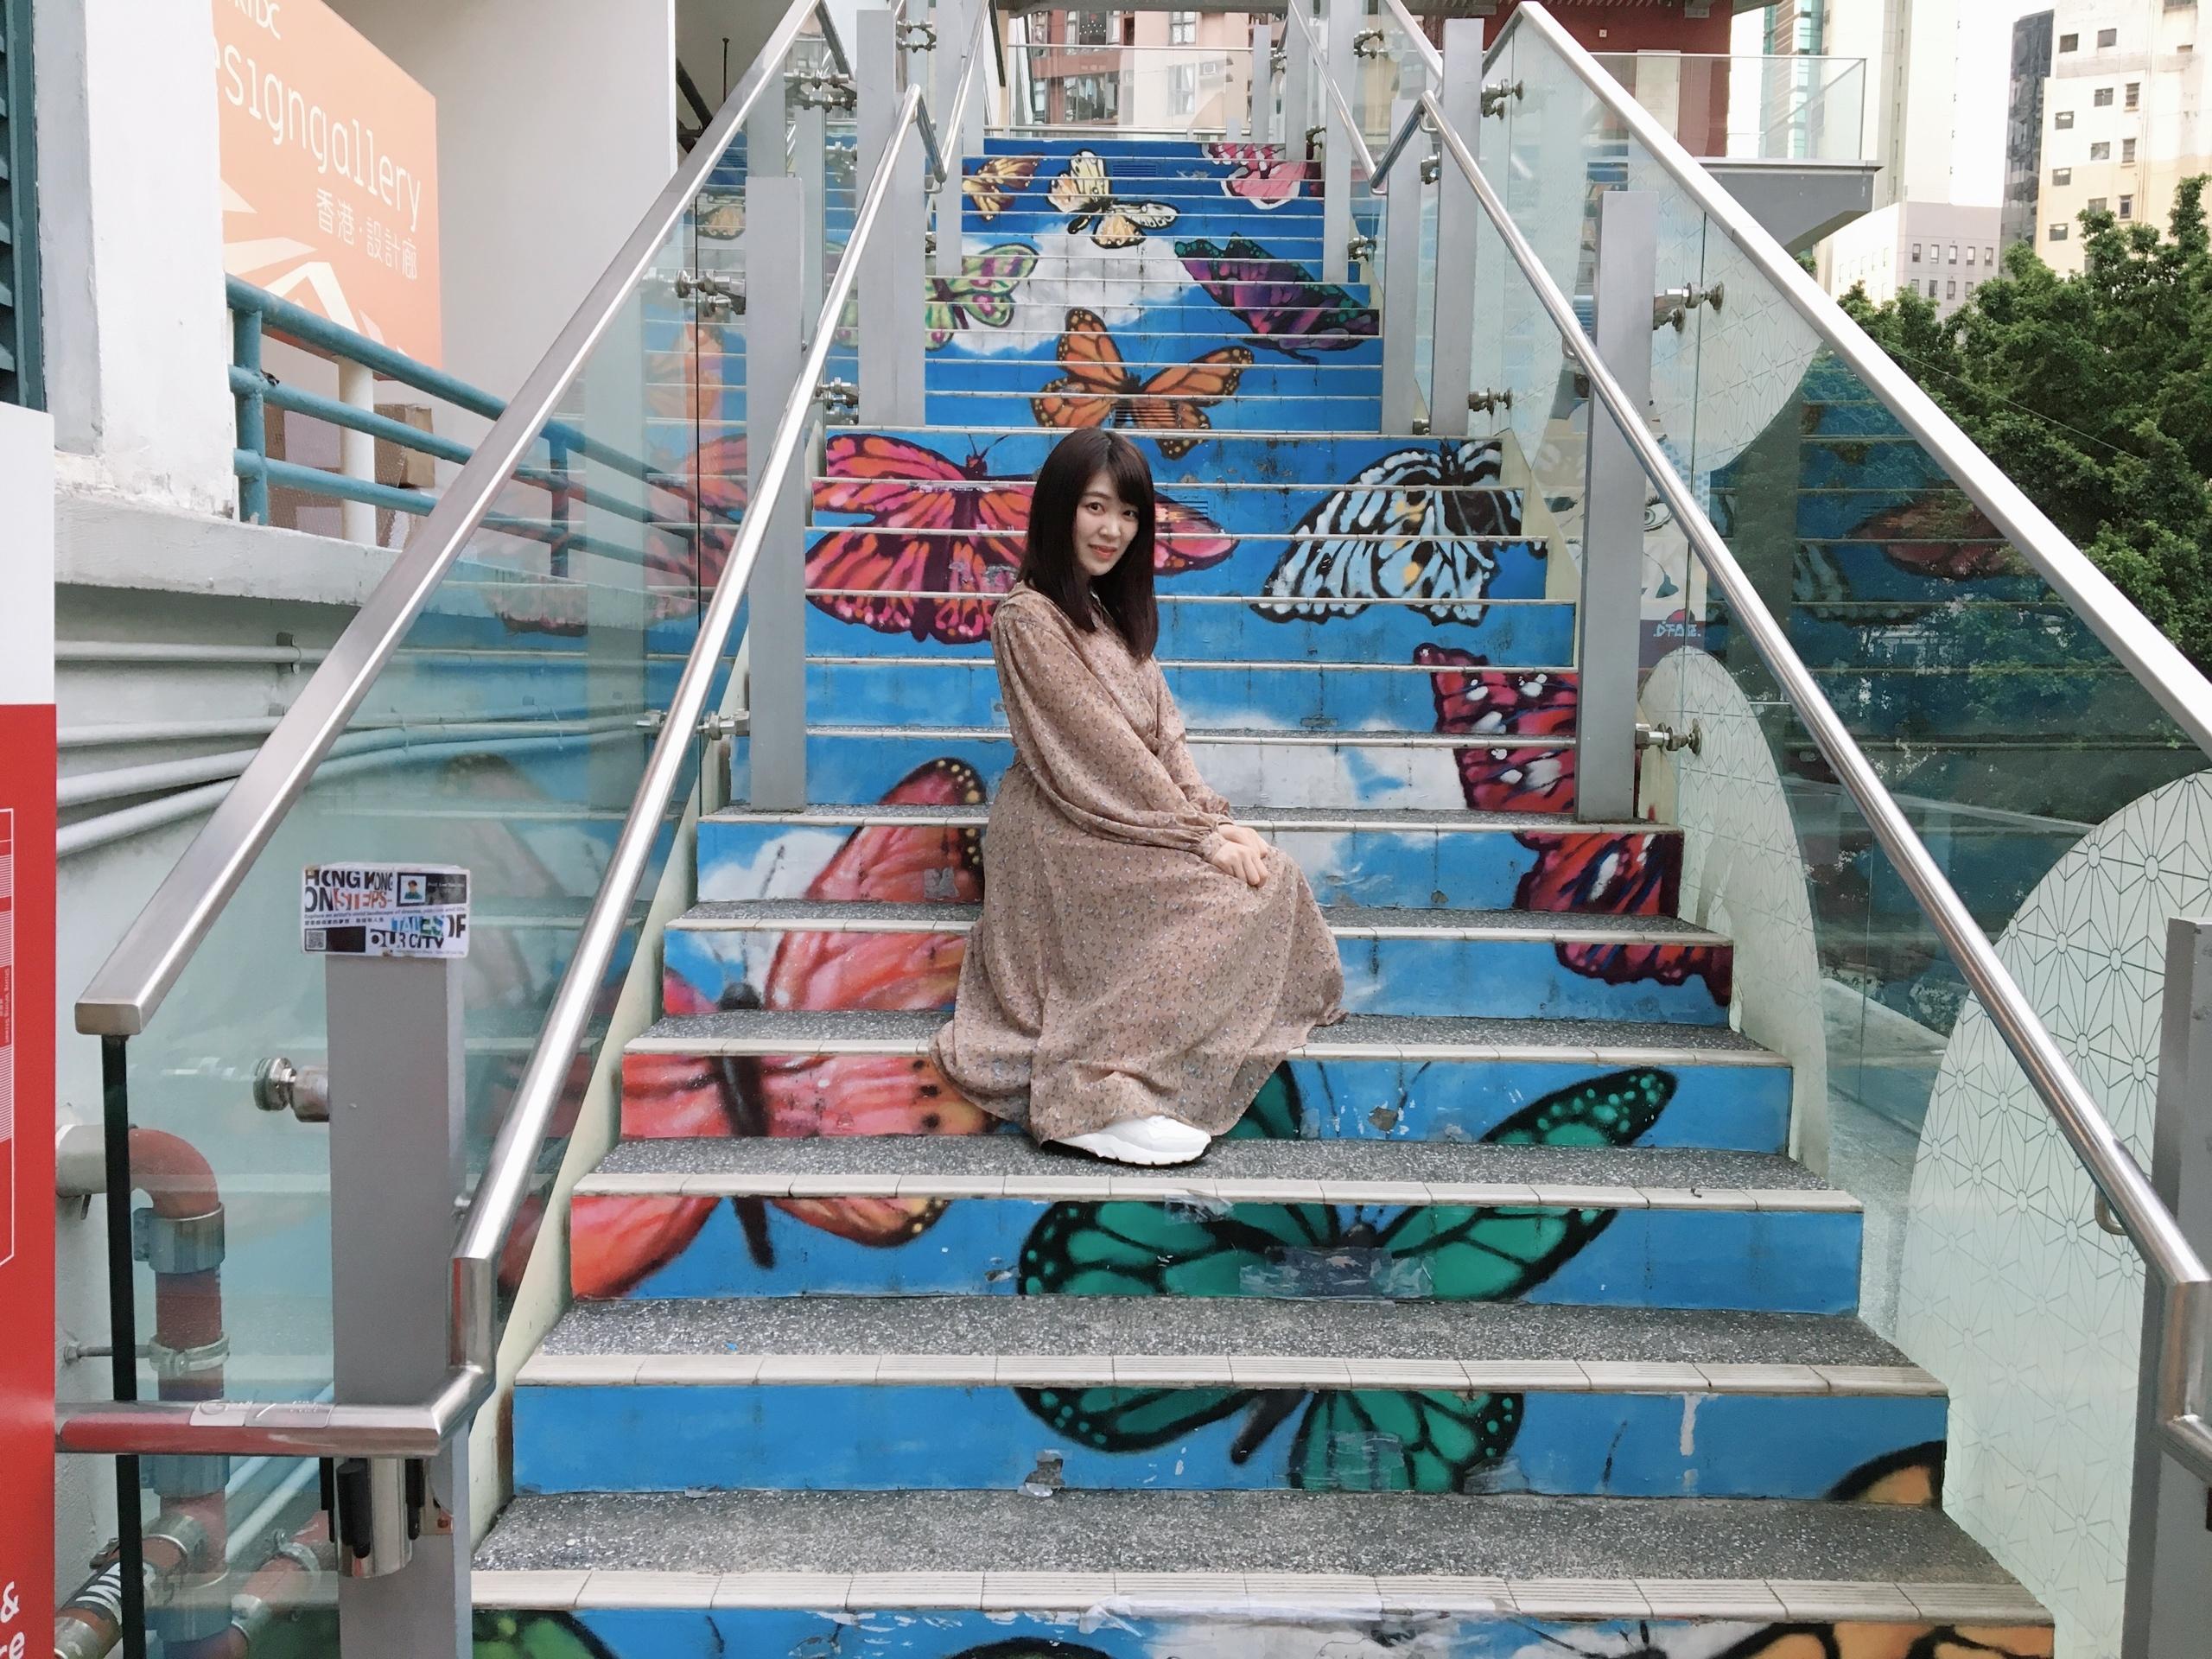 【映える街って本当?】インスタ映えすると話題の香港へ行って来ました♥《前編》_1_15